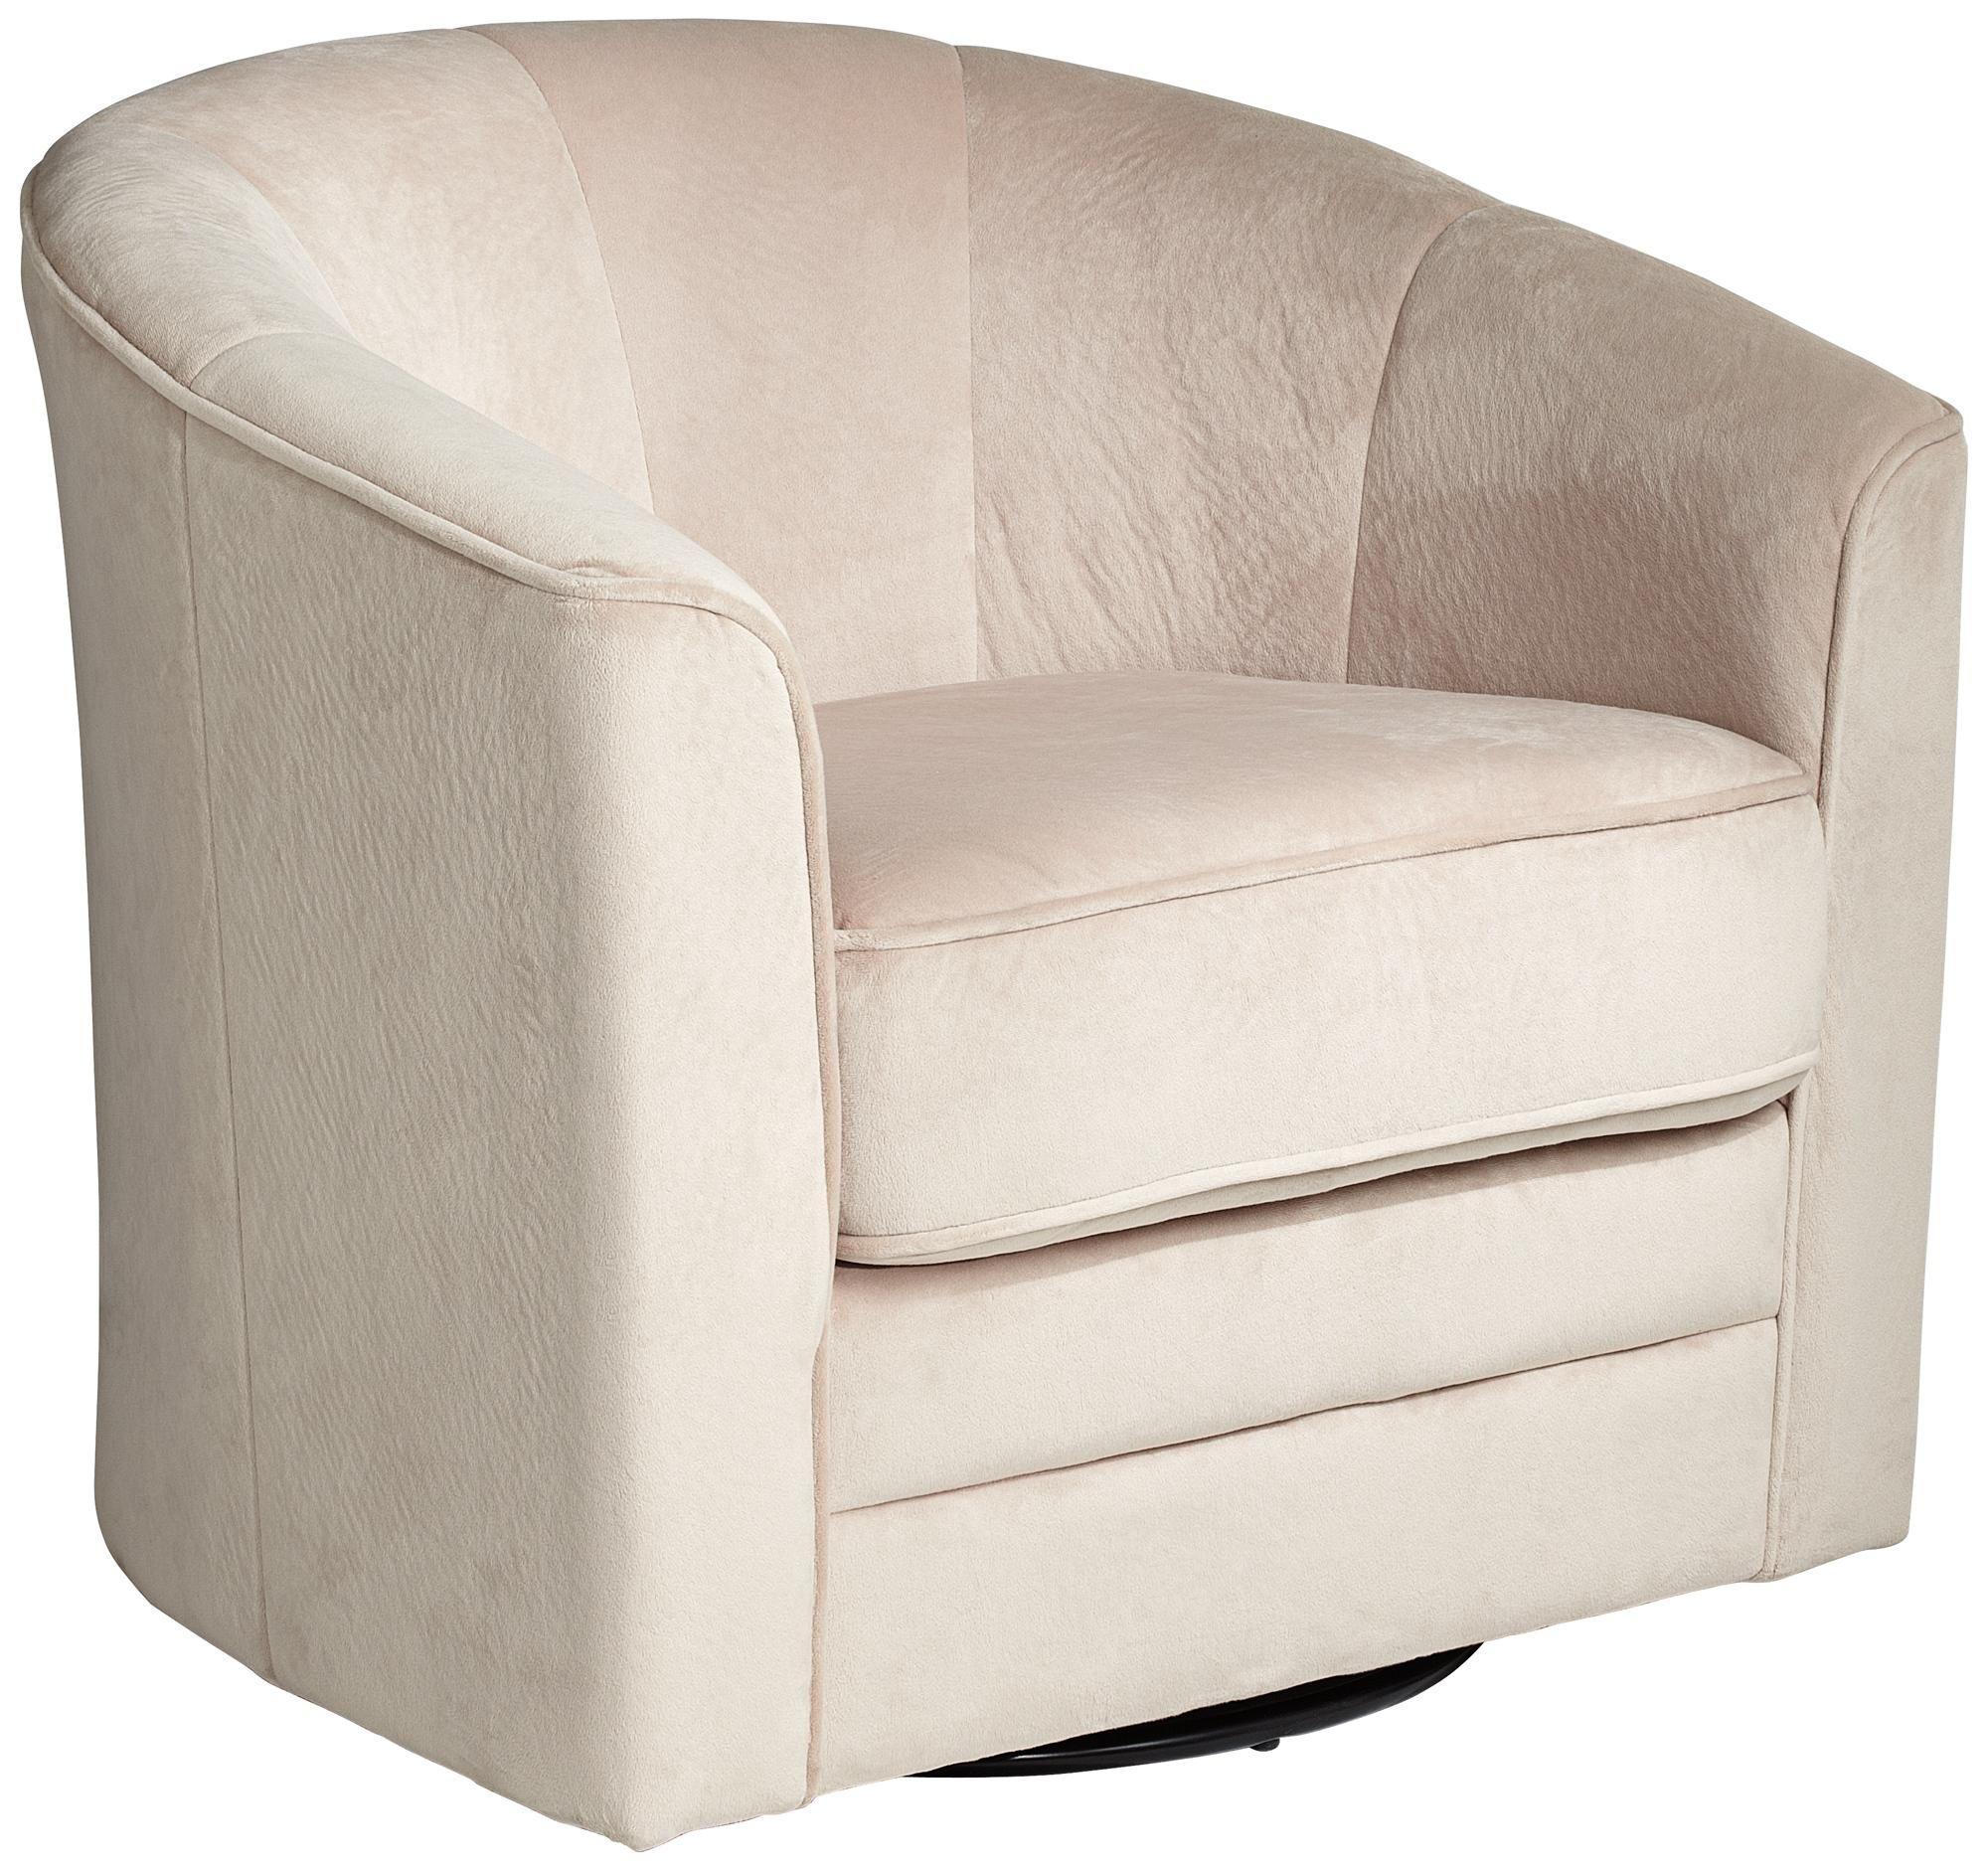 Sensational Keller Argos Muse Pearl Velvet Swivel Chair X5006 Lamps Gamerscity Chair Design For Home Gamerscityorg